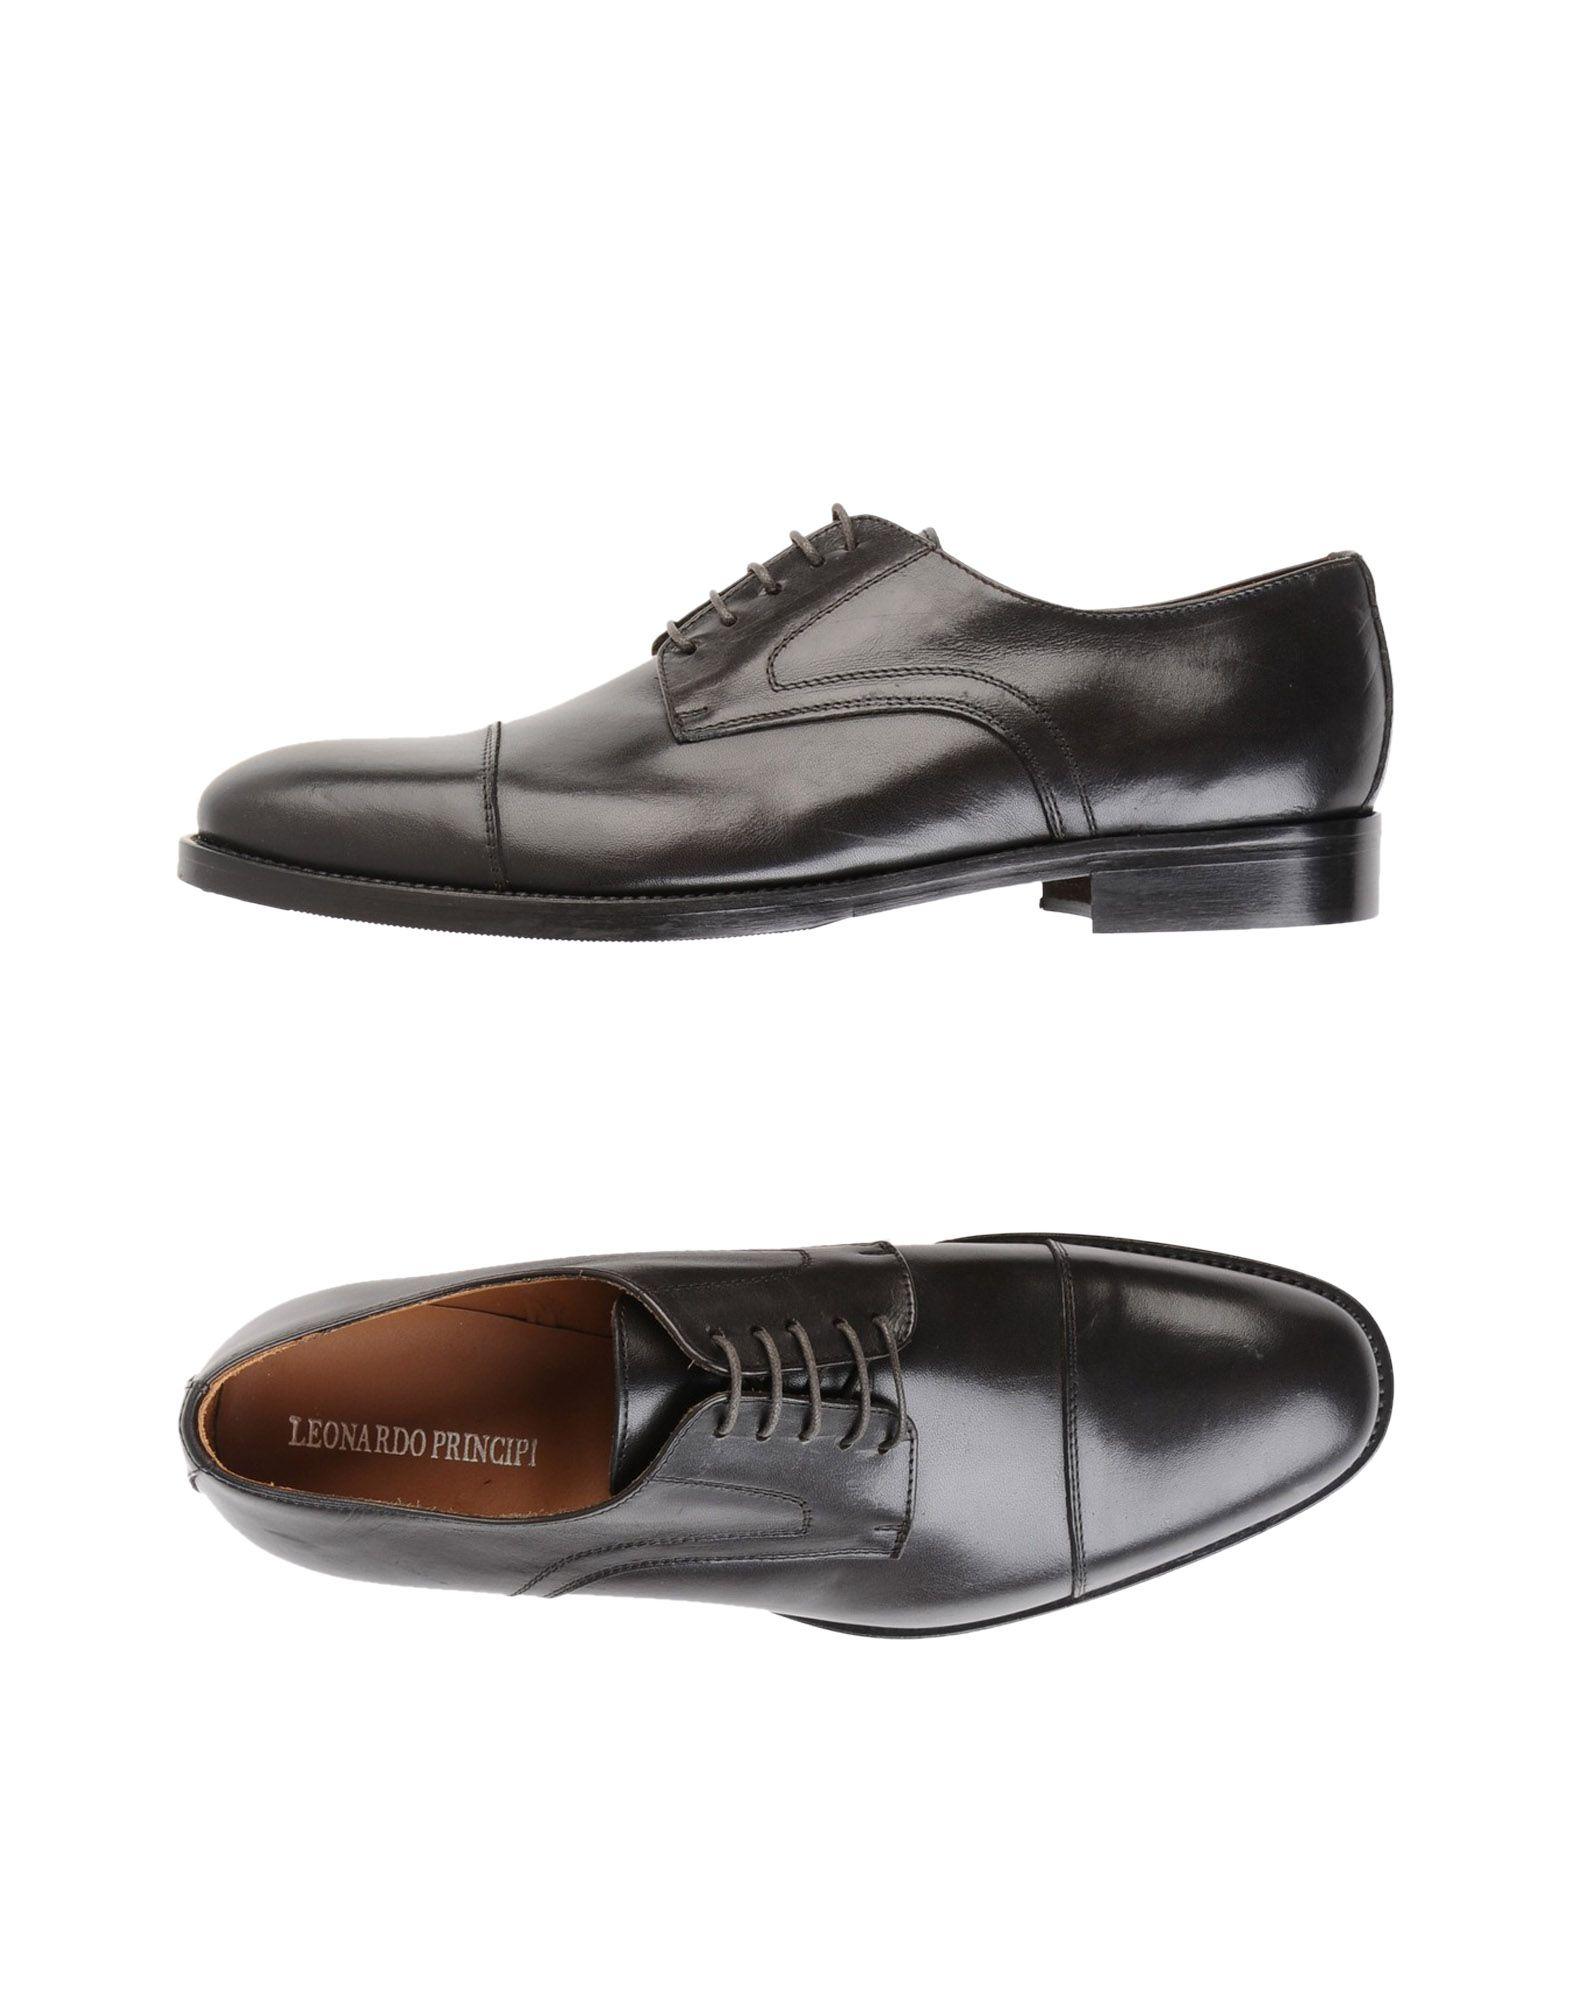 Leonardo Principi Schnürschuhe Herren  11541777OM Gute Qualität beliebte Schuhe